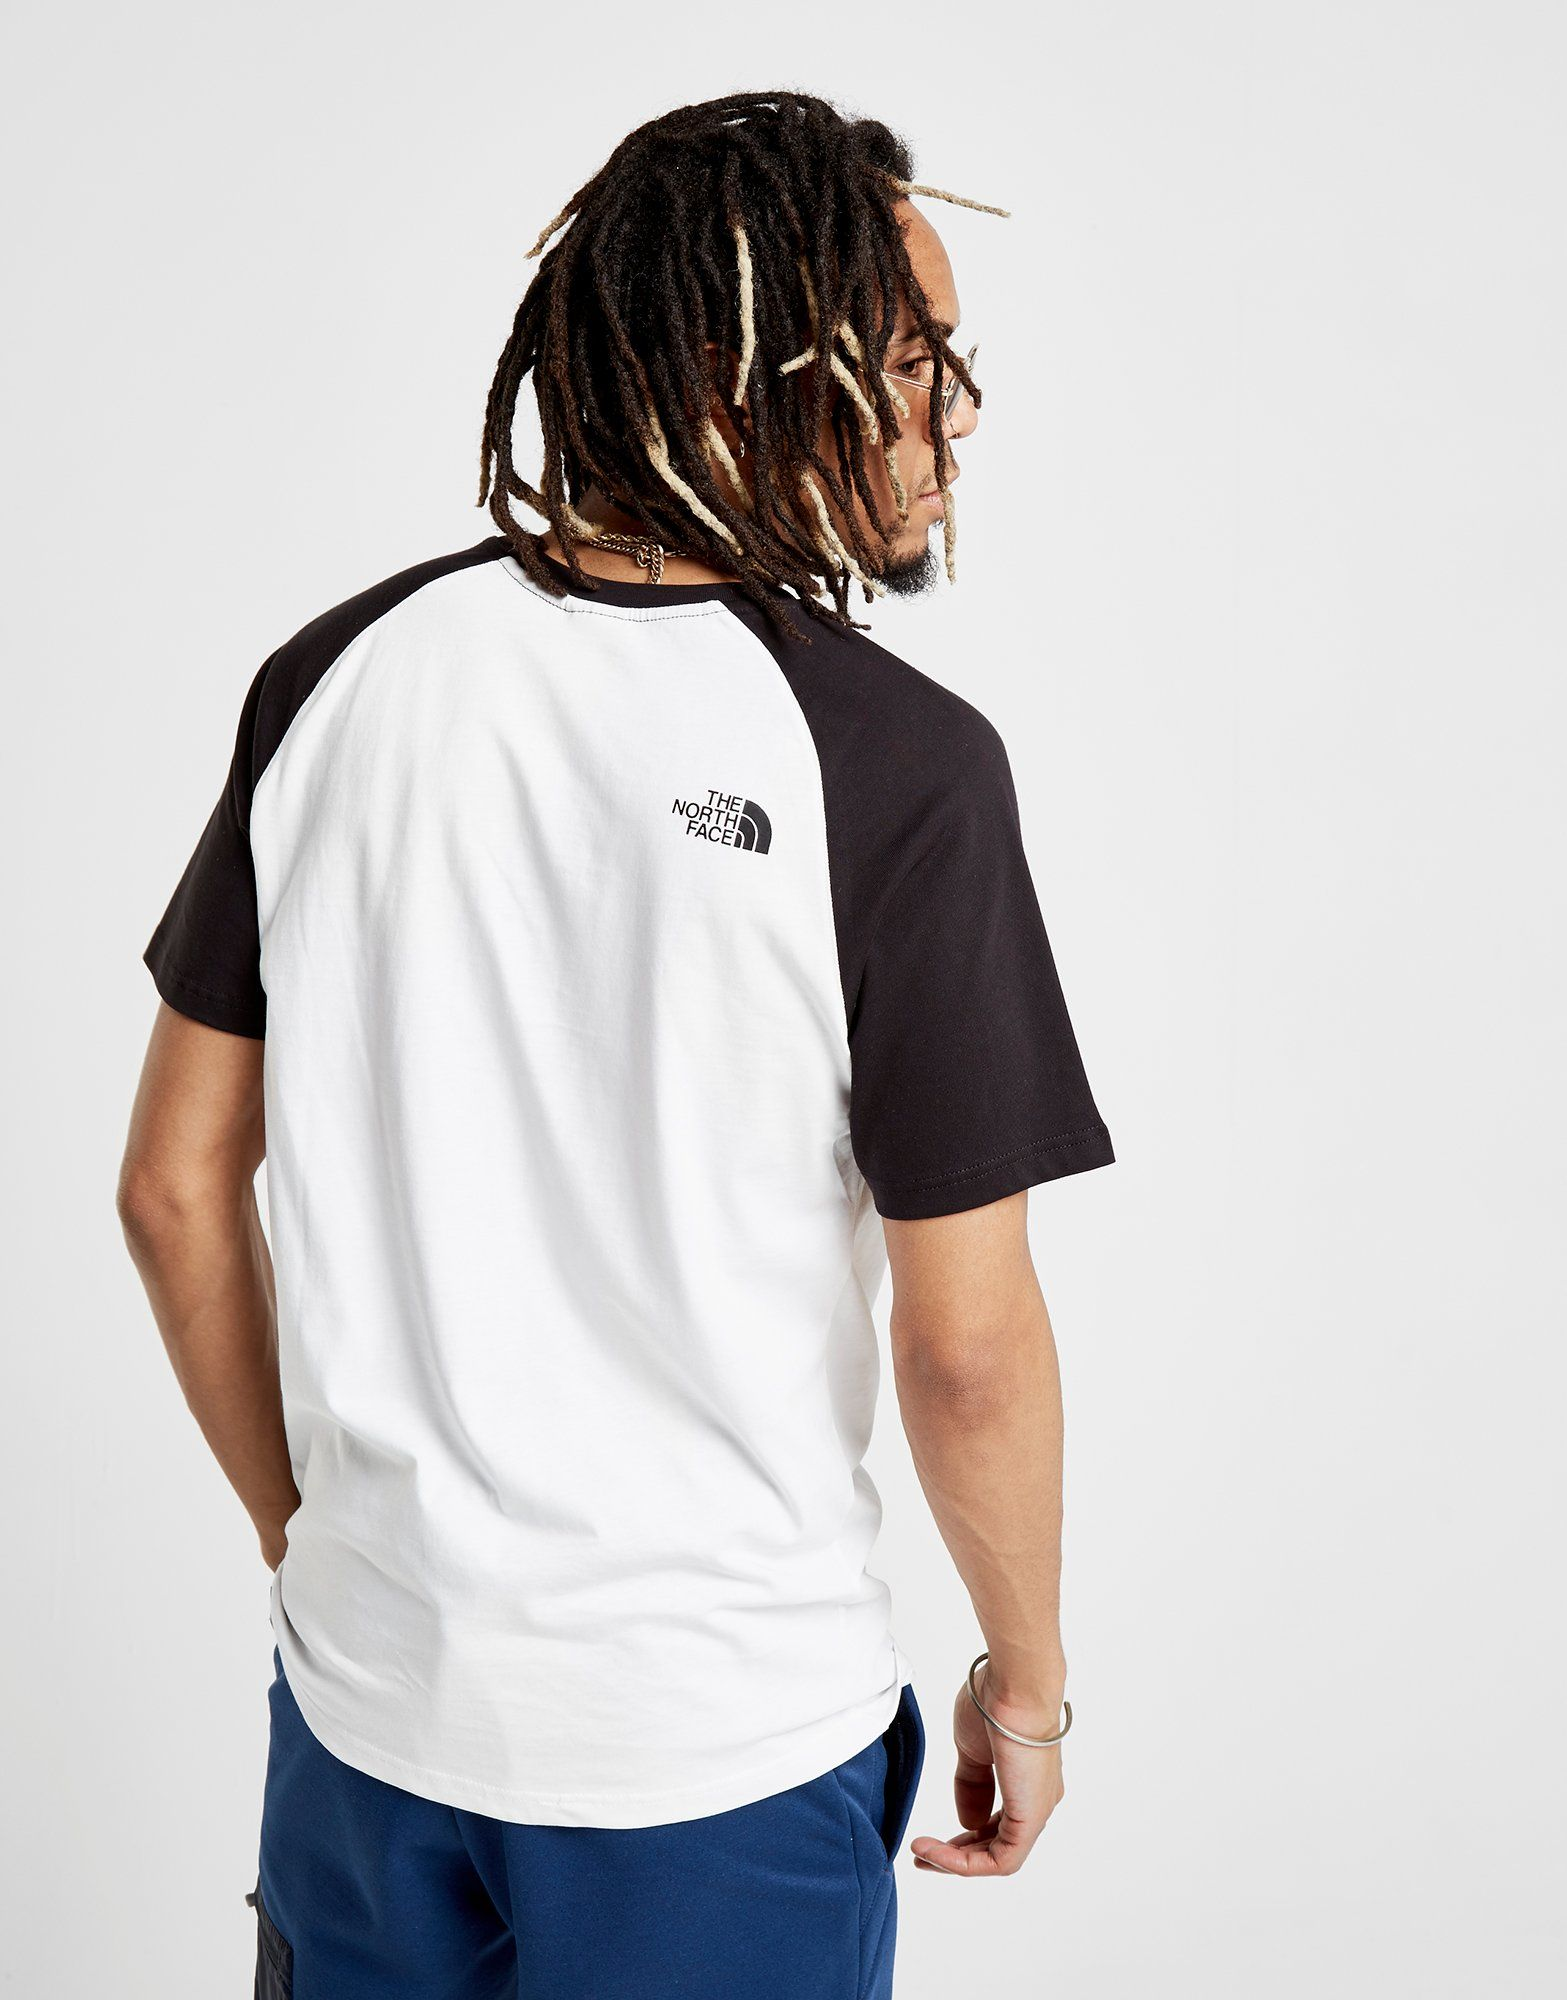 The North Face Raglan T-Shirt Weiss